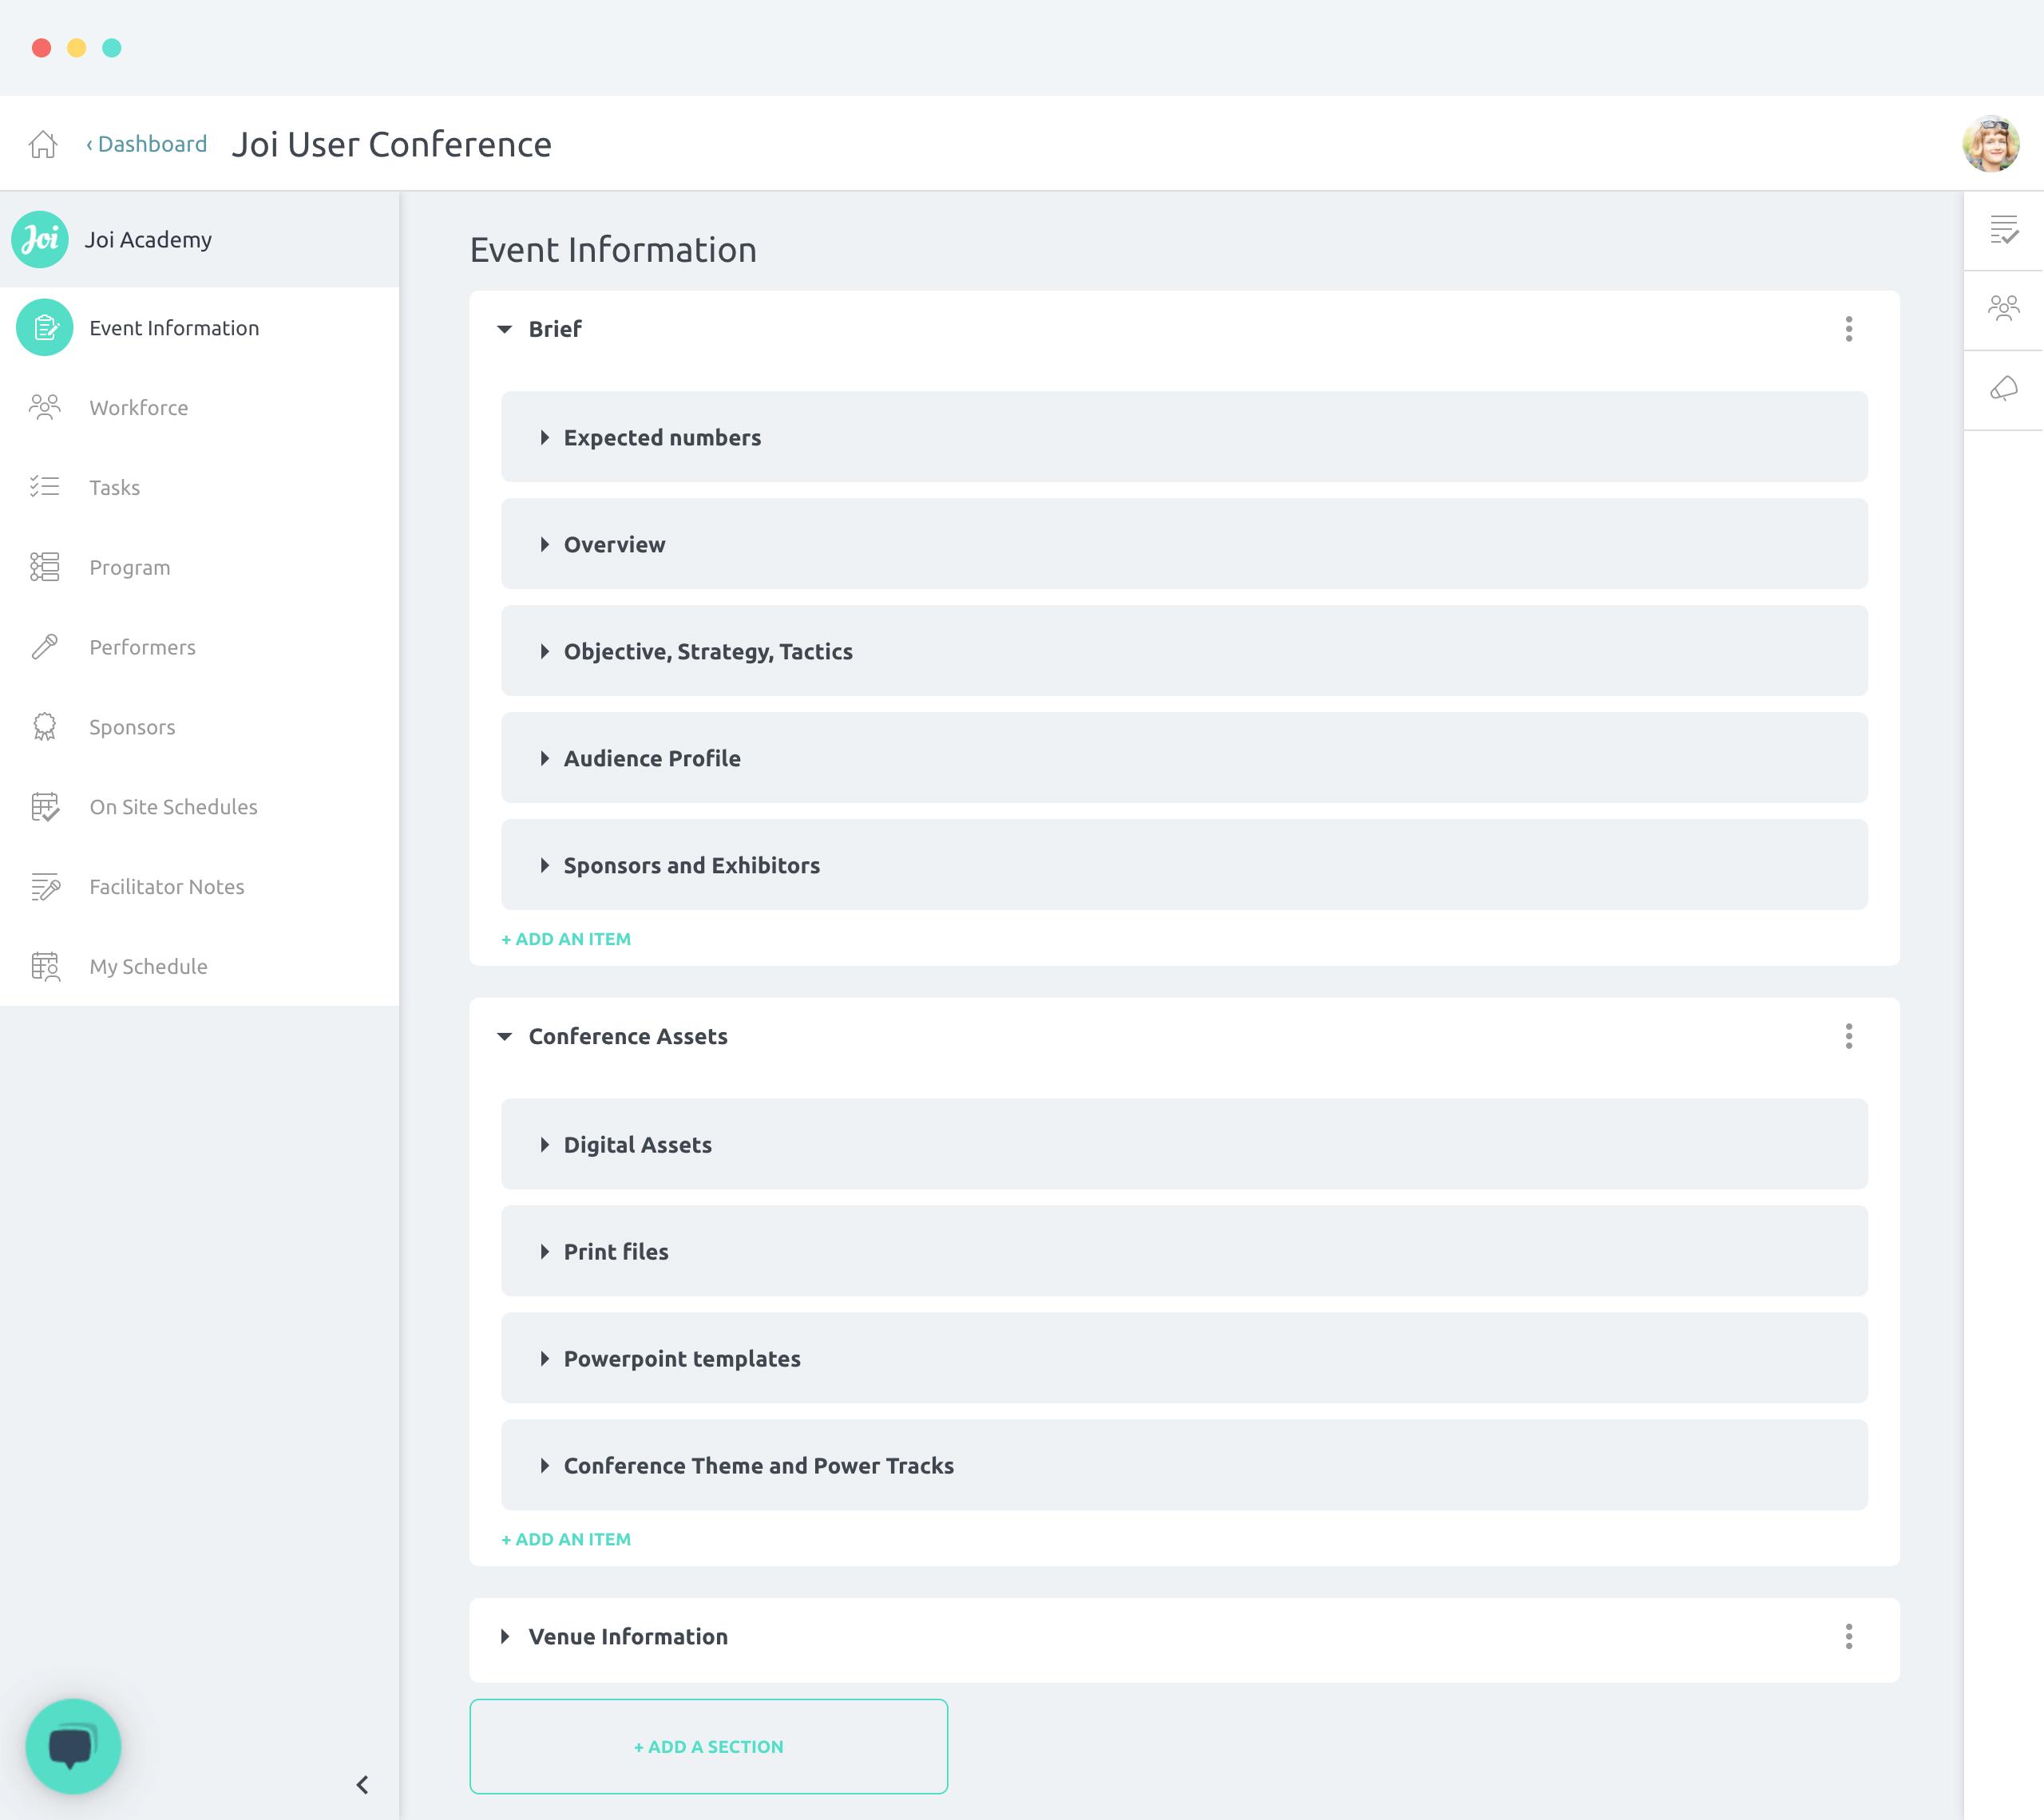 Event Information screenshot